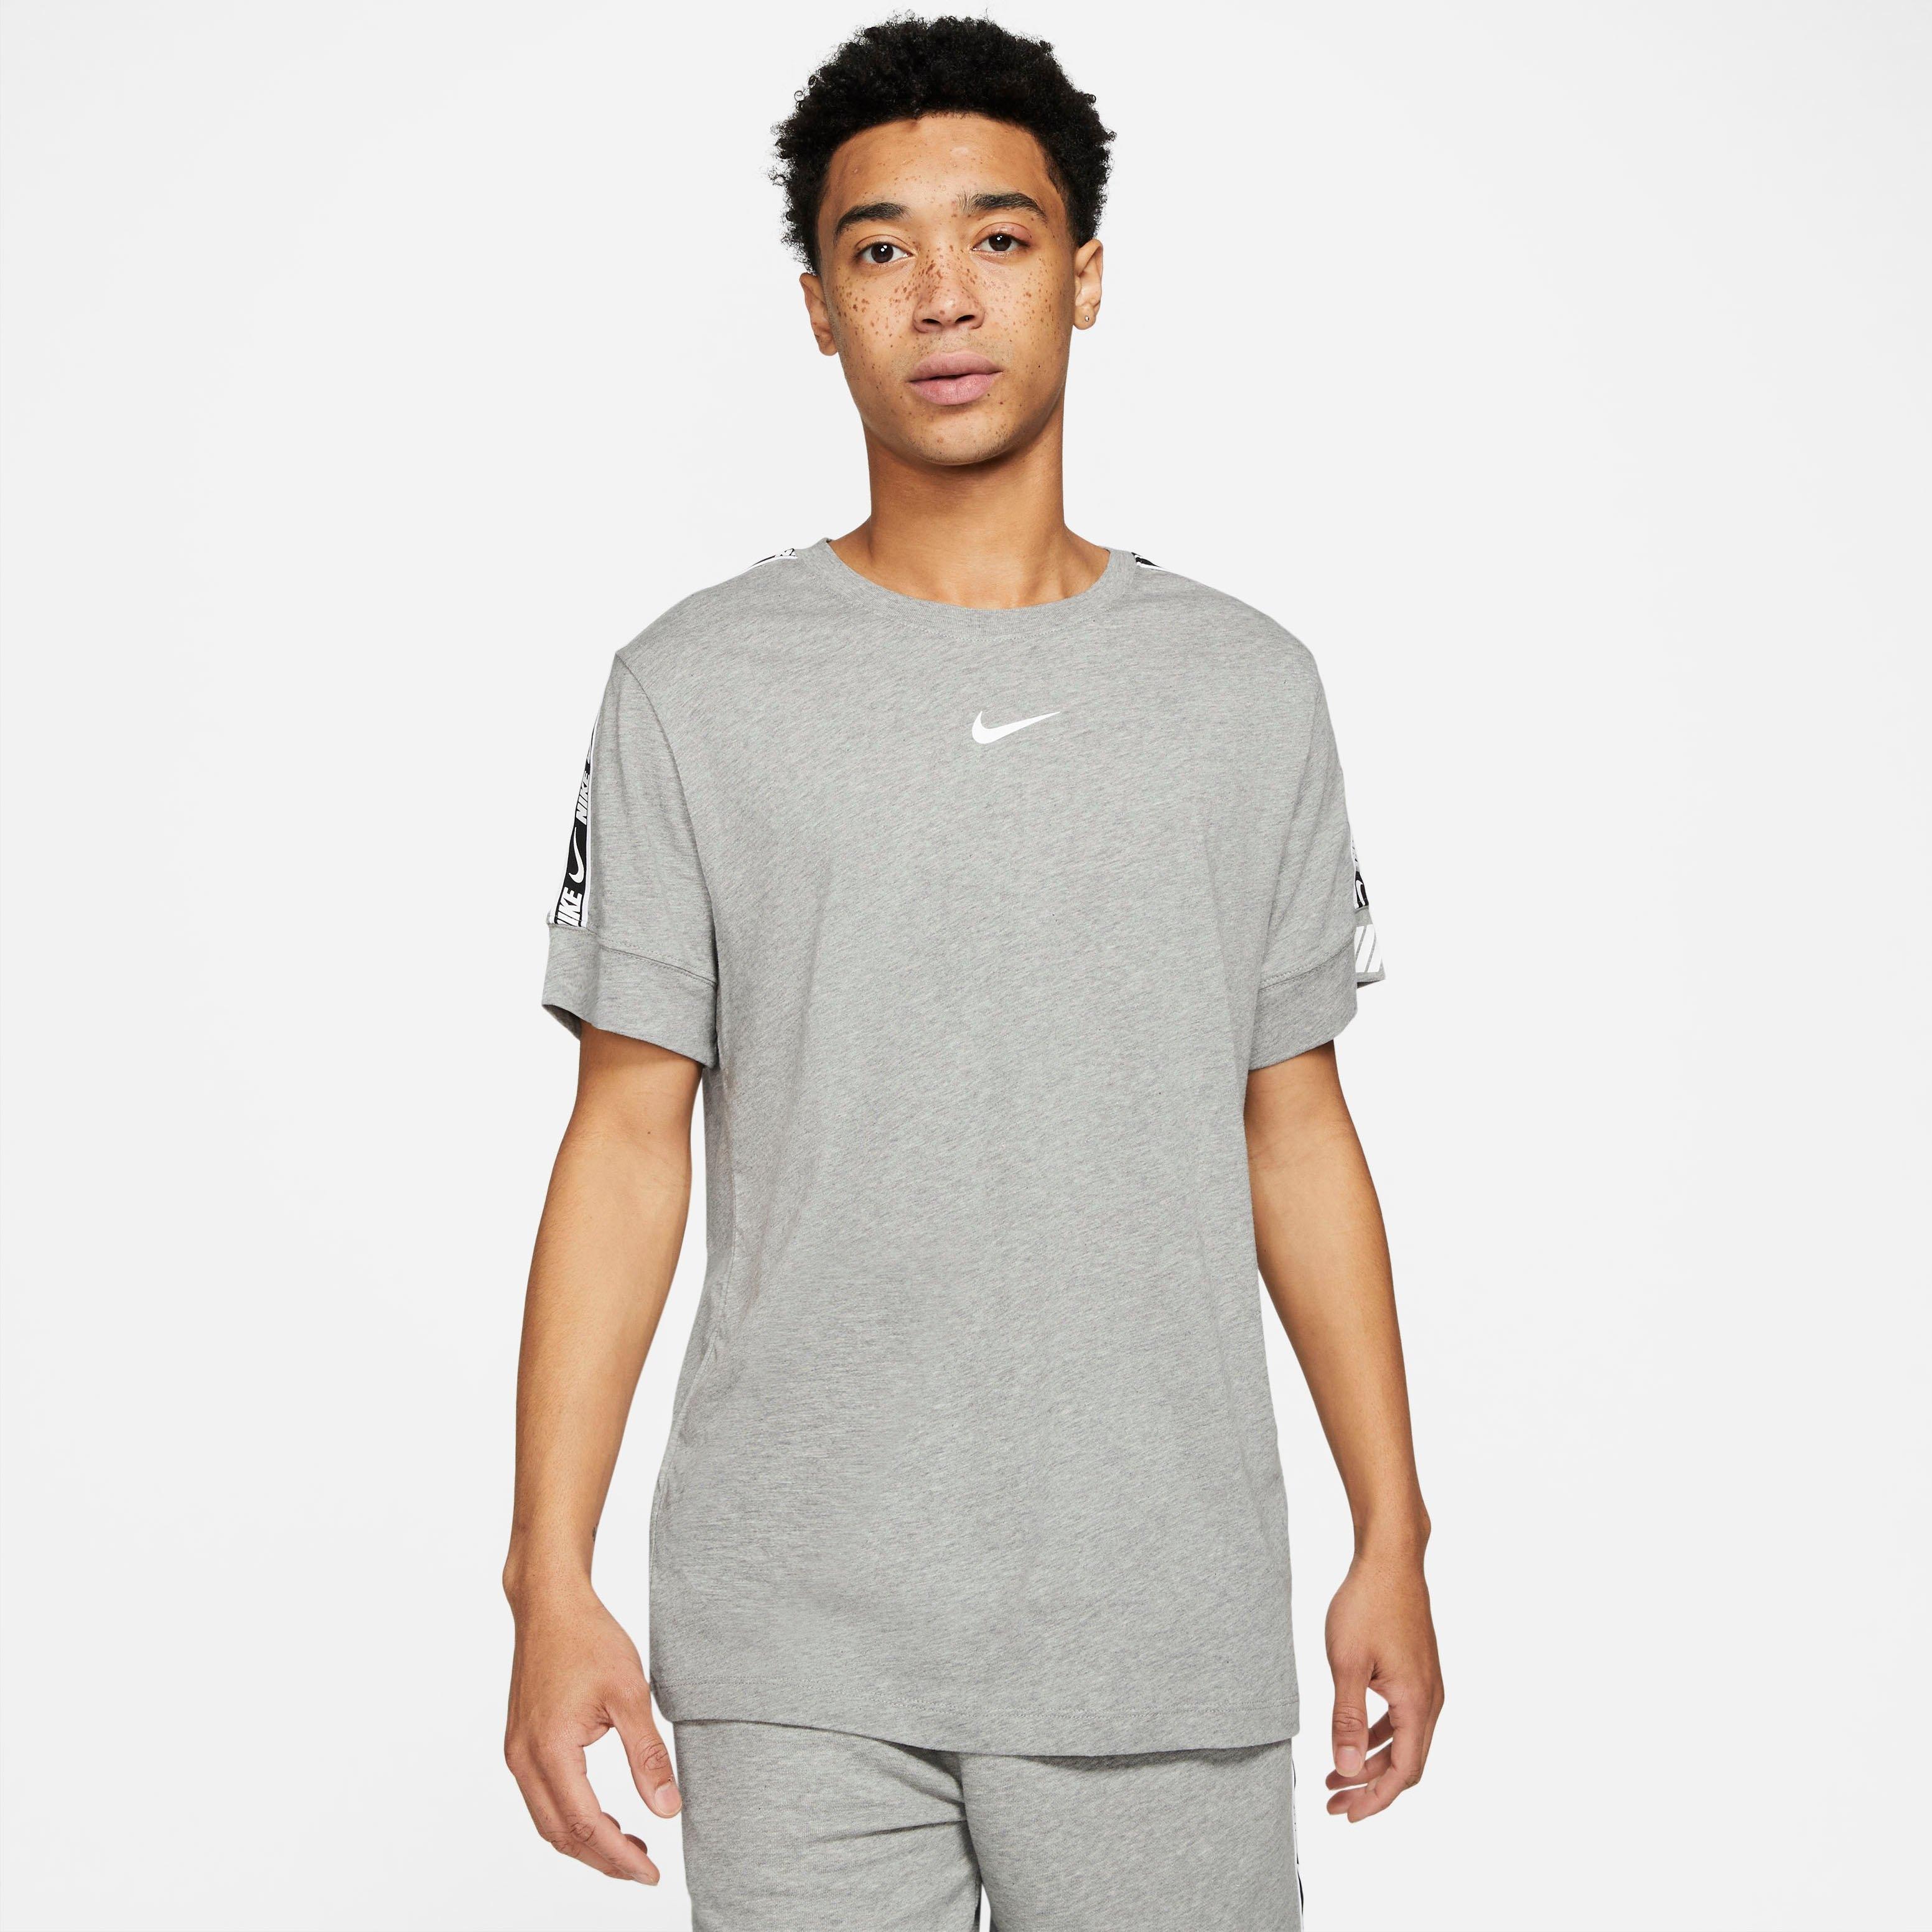 Nike Sportswear T-shirt Repeat Shortsleeve Tee nu online bestellen